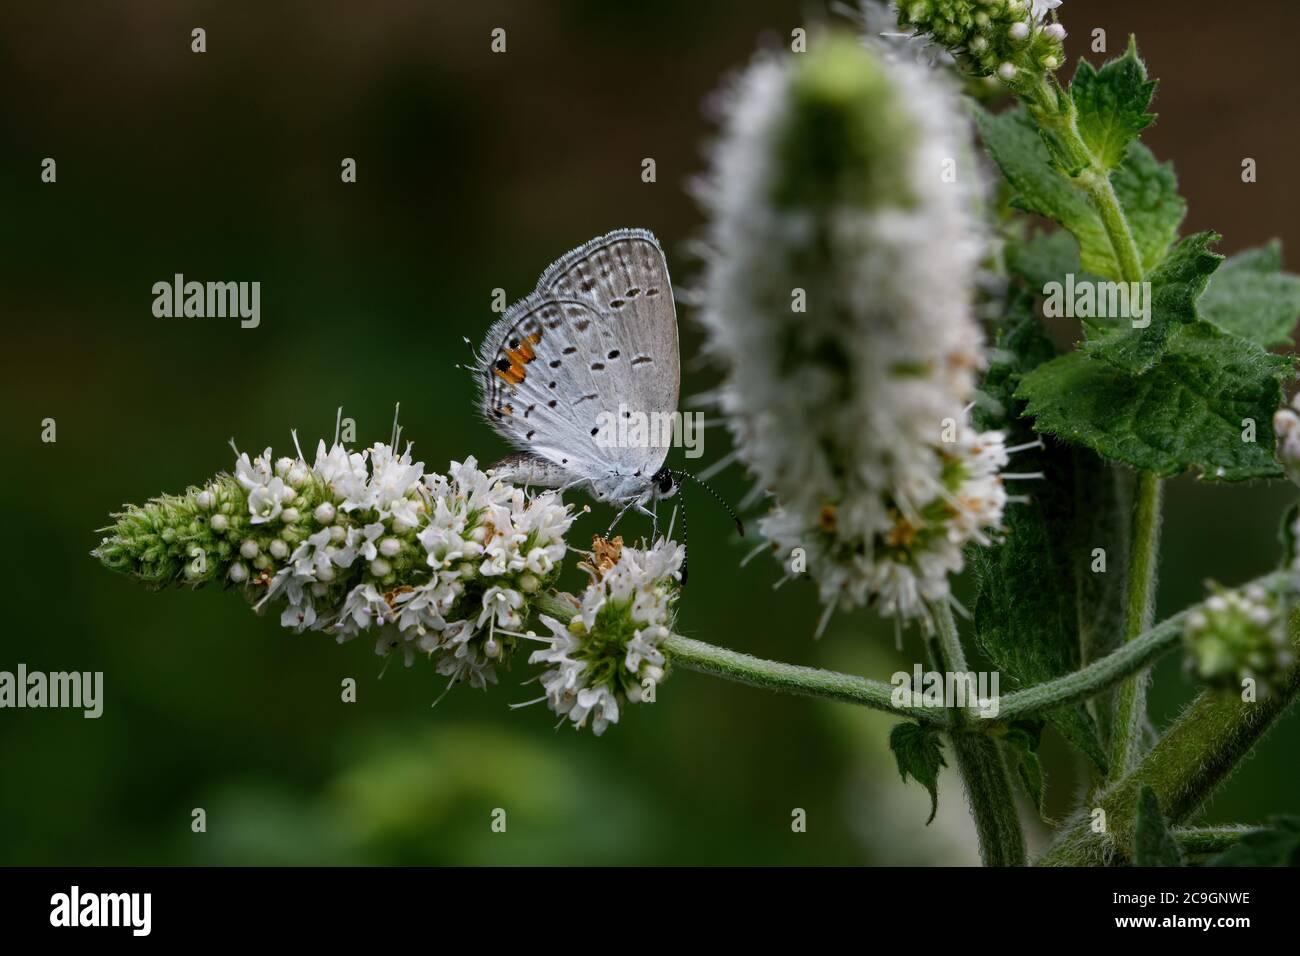 Orientale coda-blu sul fiore della menta di mela. Una farfalla comune del Nord America orientale si distingue per la sua piccola coda sottile. Foto Stock